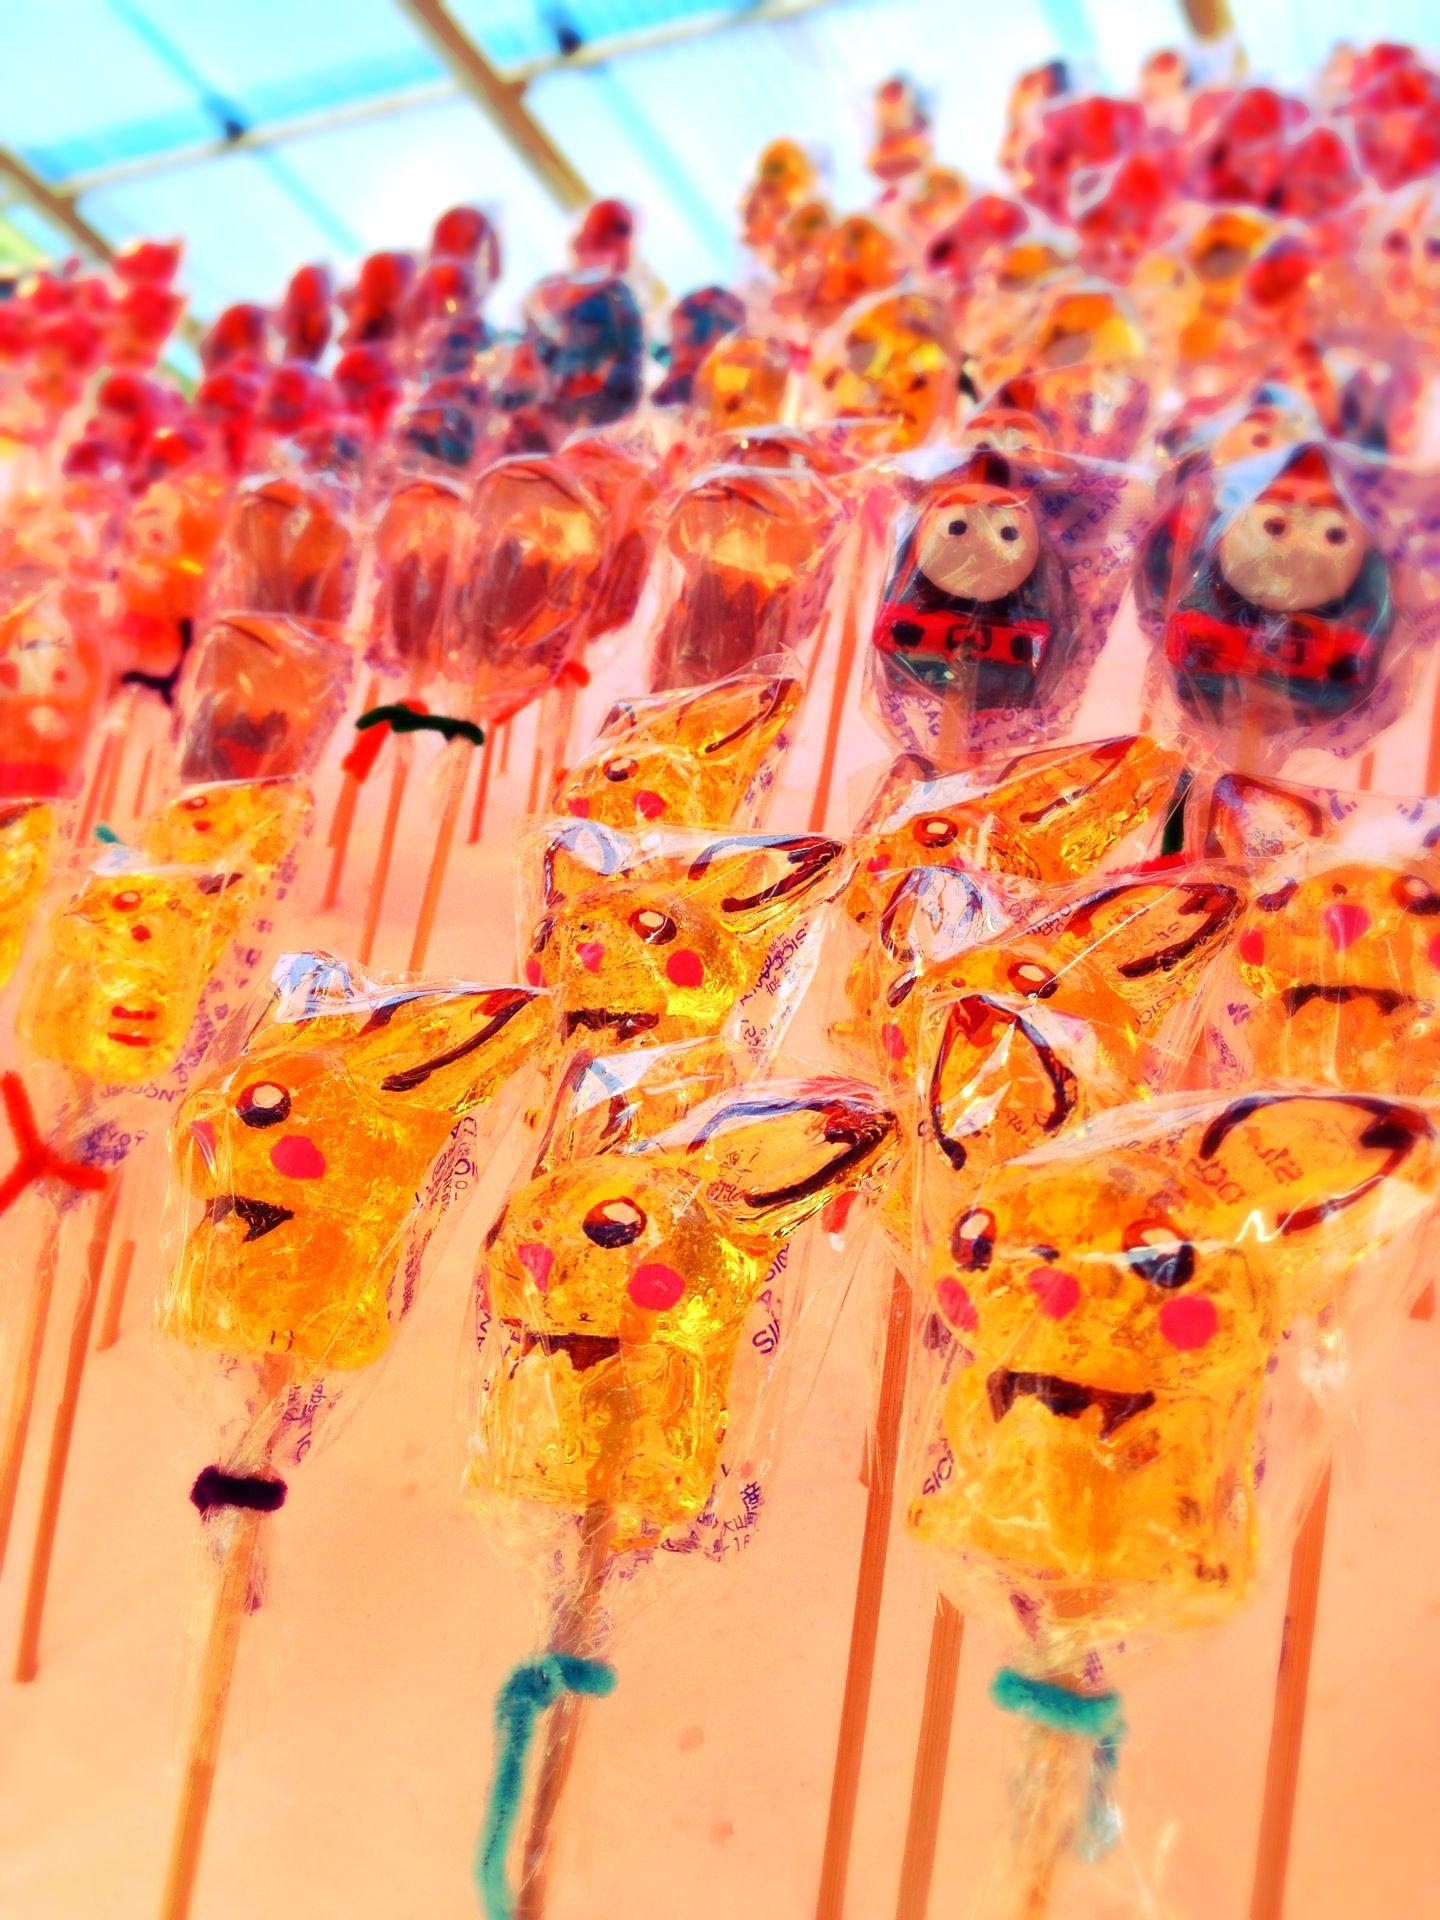 屋台のキャラクターキャンディ 夏祭り 屋台 お祭り イラスト スイーツ かわいい